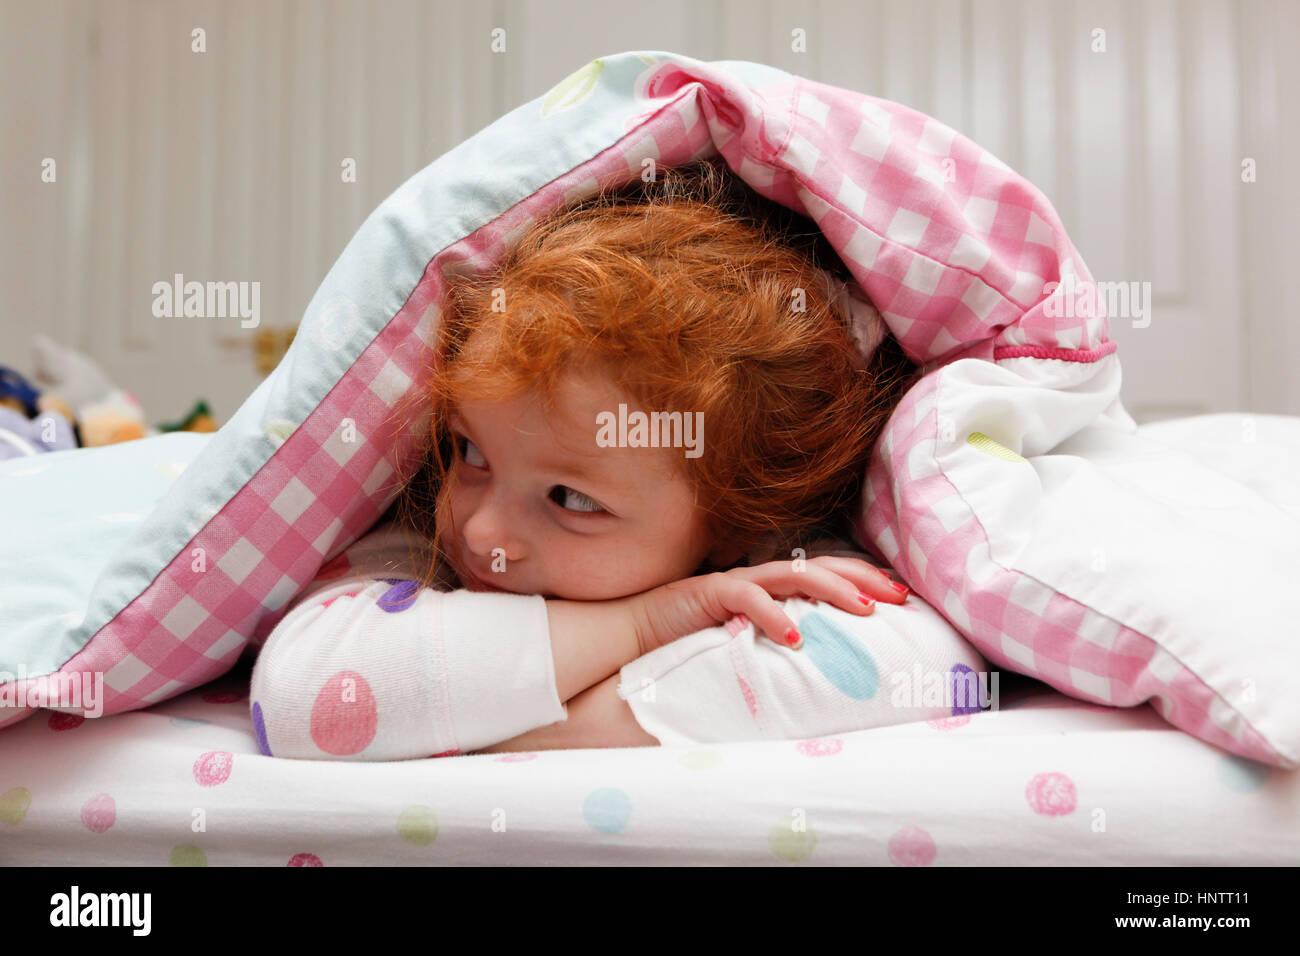 Kleines Mädchen wach im Bett. Stockbild